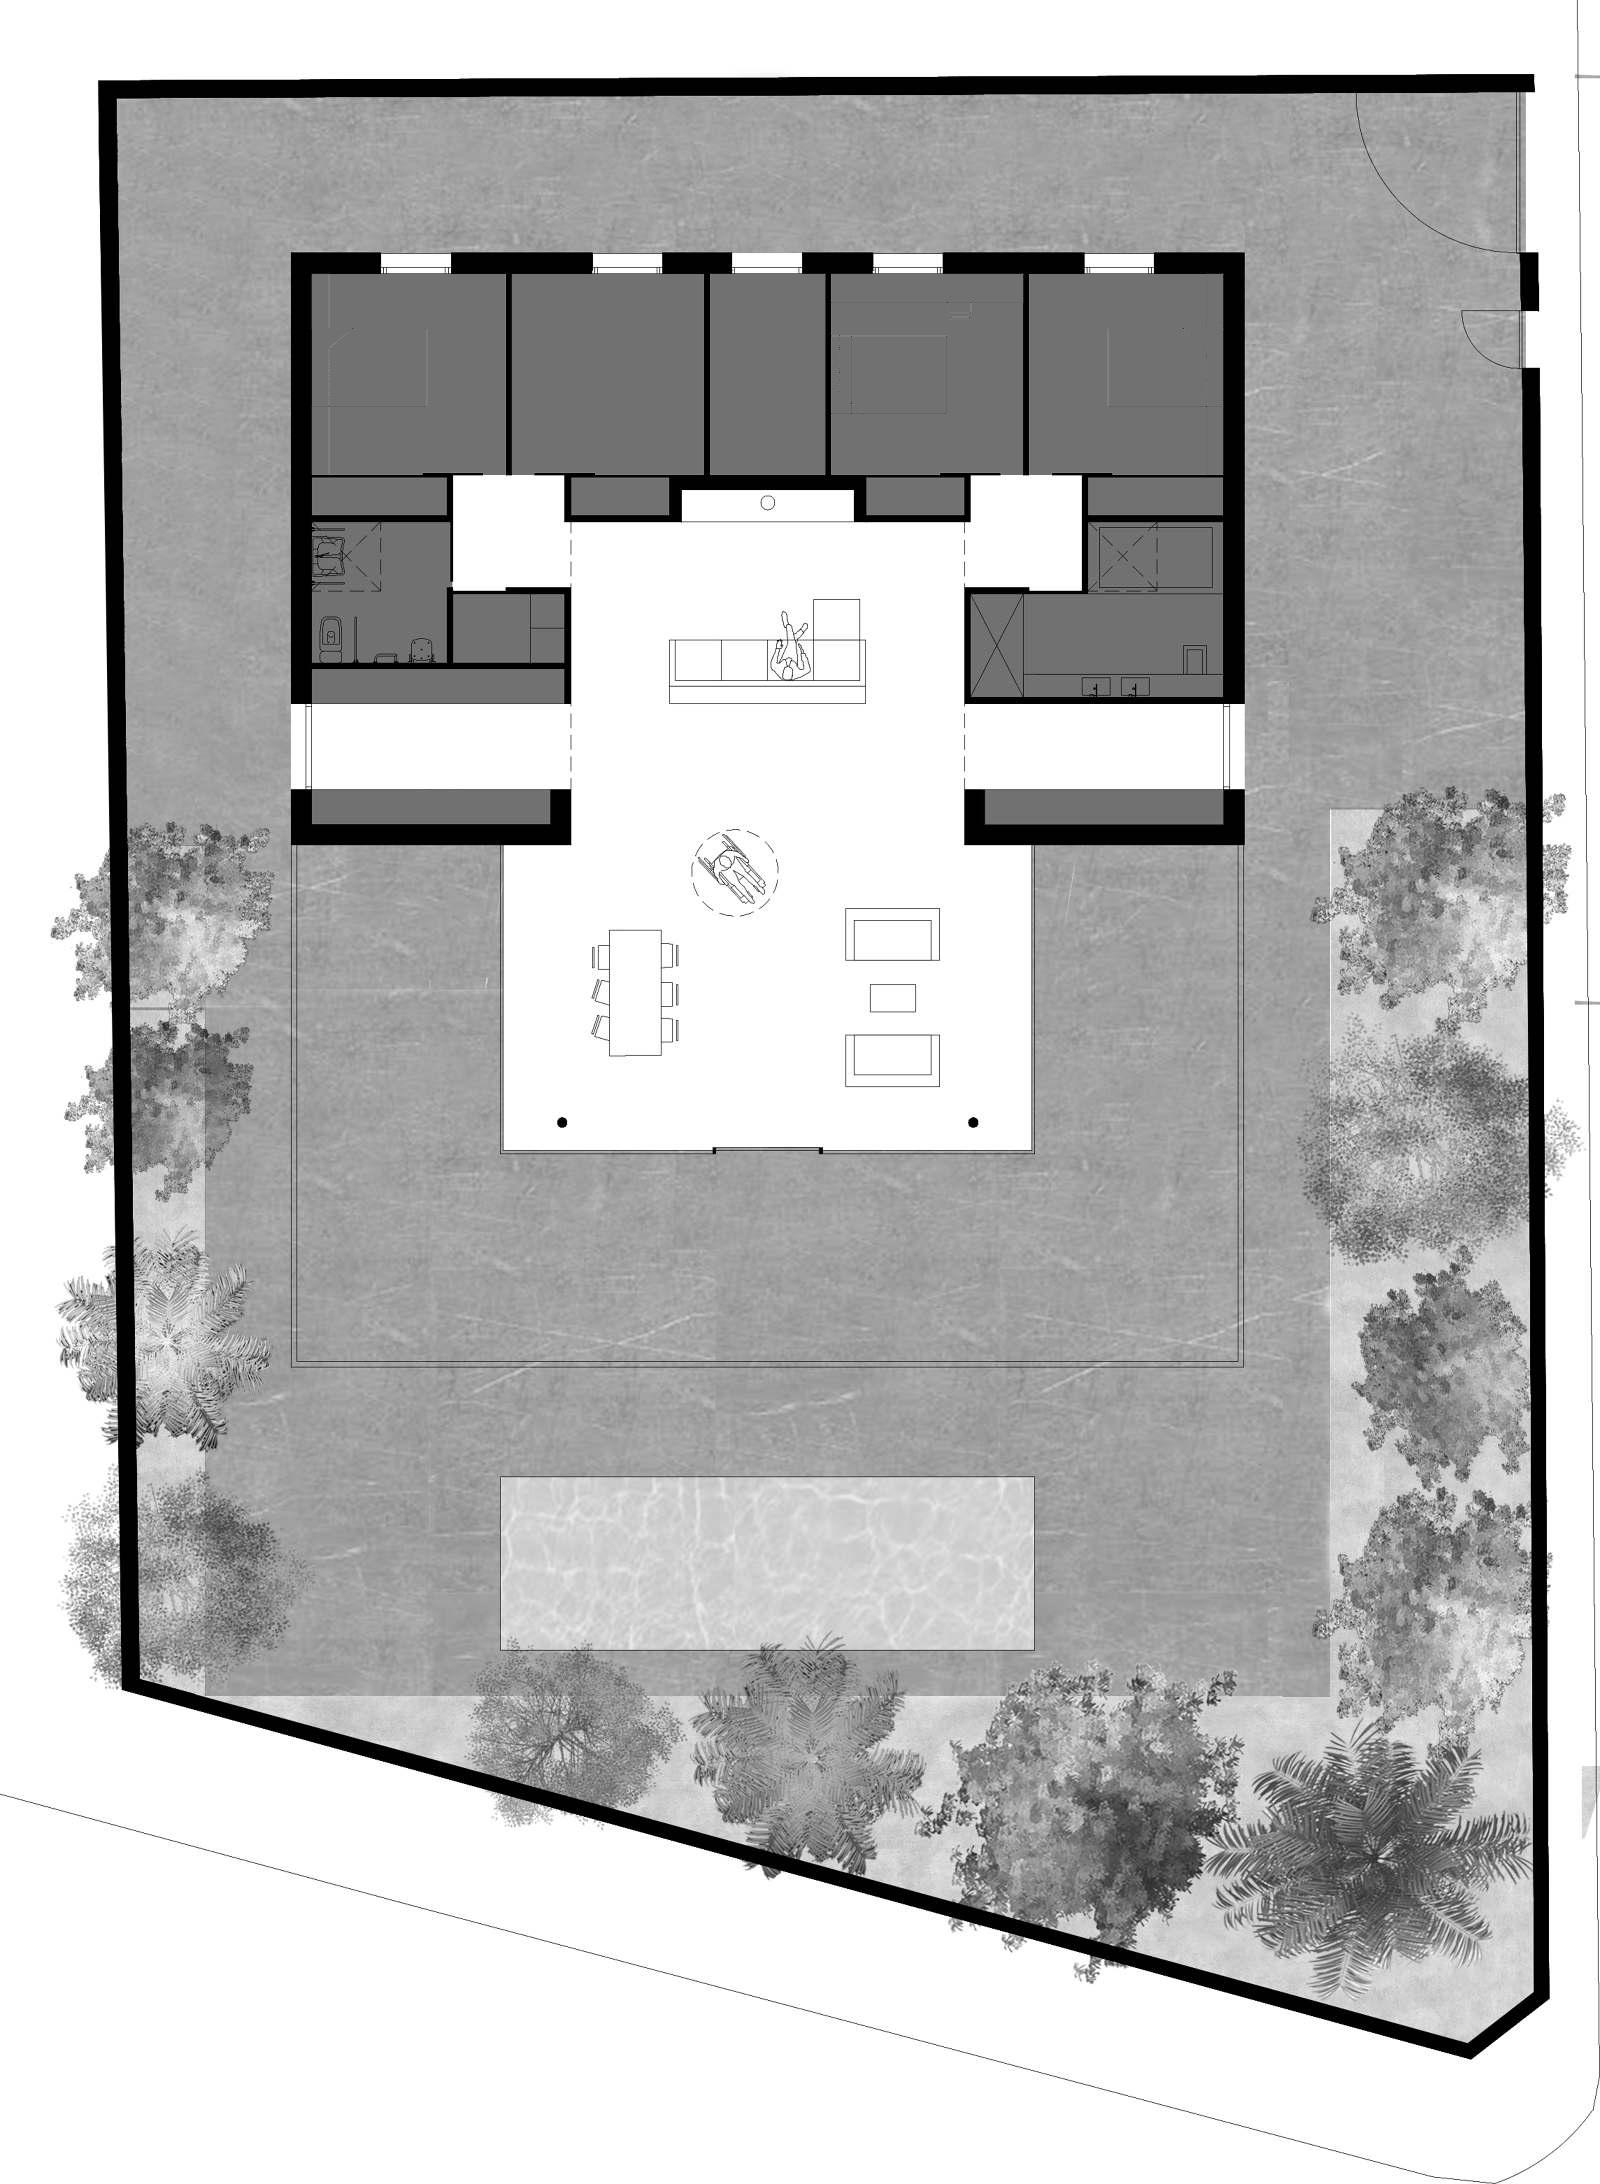 Planta dibujo 2 - La Casa de Jesús - Estudio de arquitectura RRR